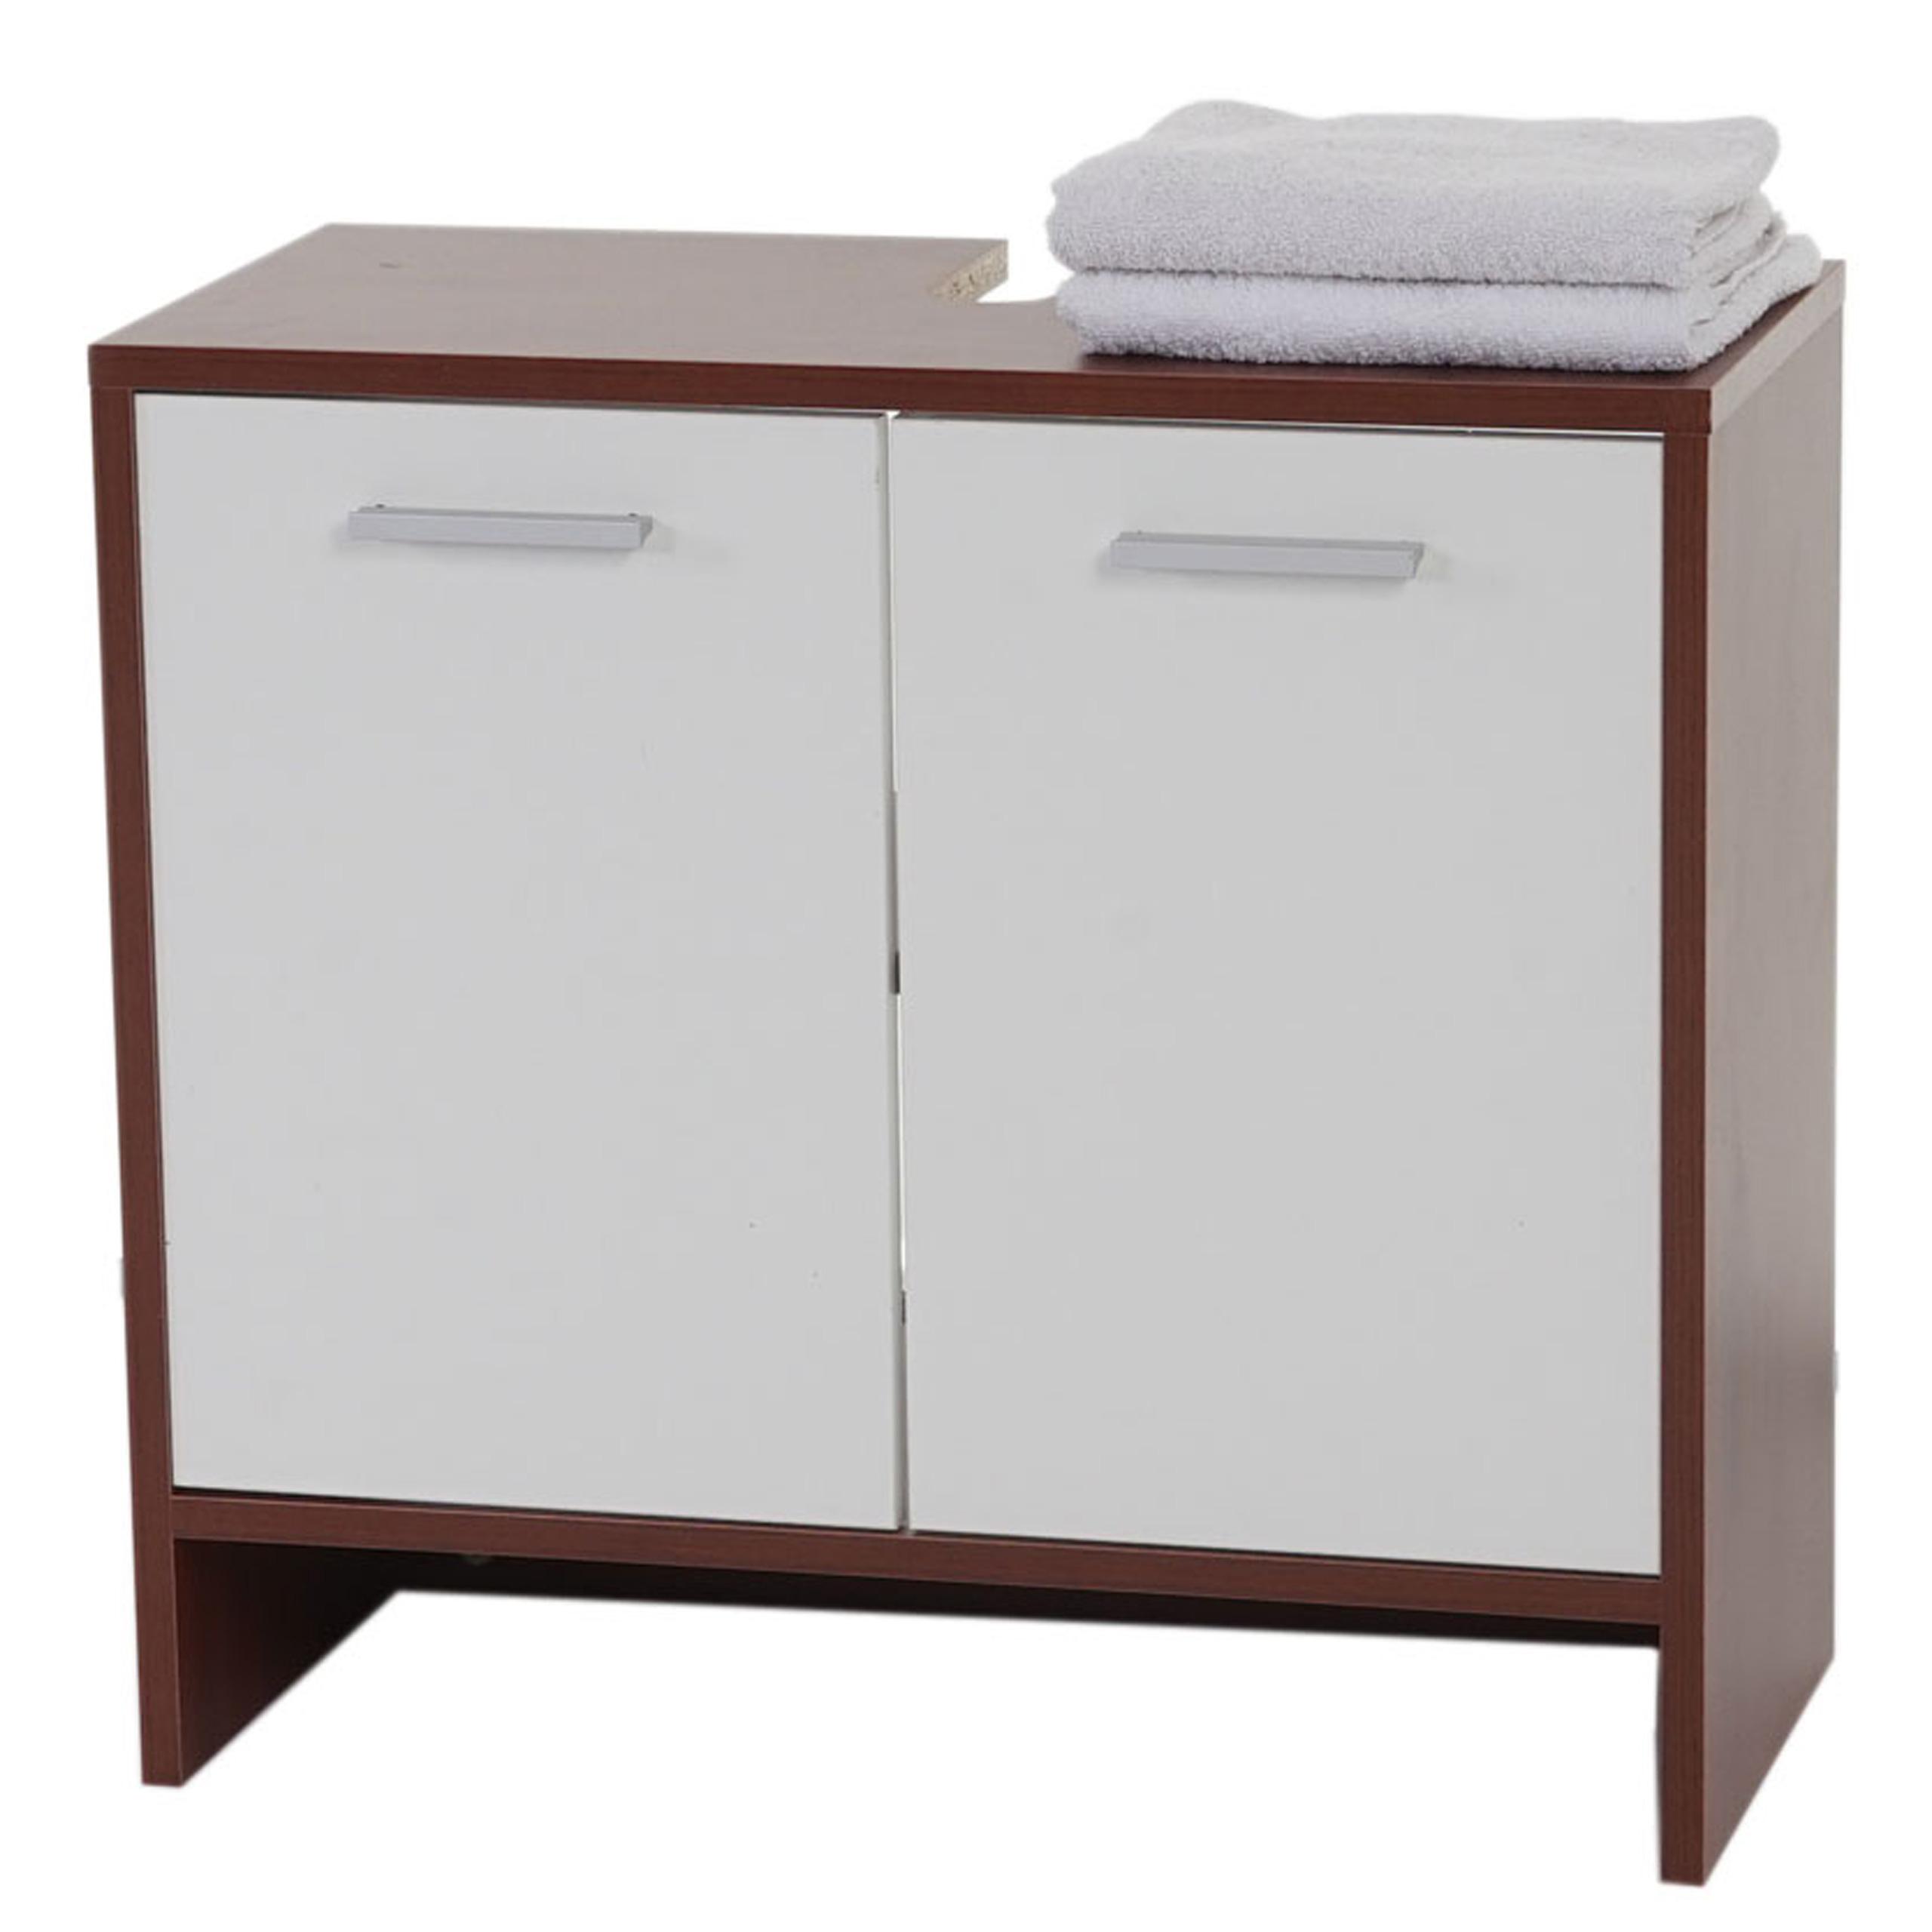 Verschiedene Badschrank Weiß Ideen Von Waschbeckenunterschrank Arezzo, Badschrank, 56x60x28cm ~ Braun, Türen